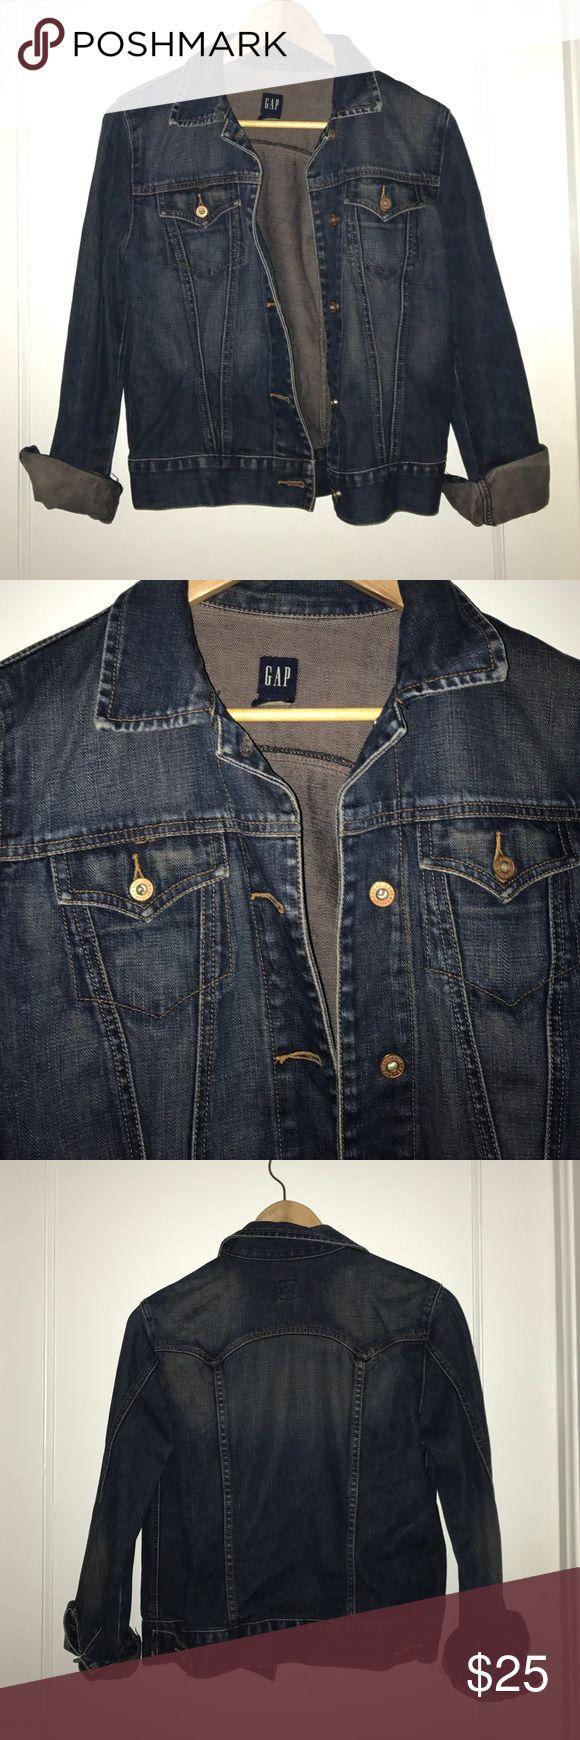 Dark Denim, Jean Jacket Dark Denim Jacket, From Gap. Open to offers GAP Jackets & Coats Jean Jackets